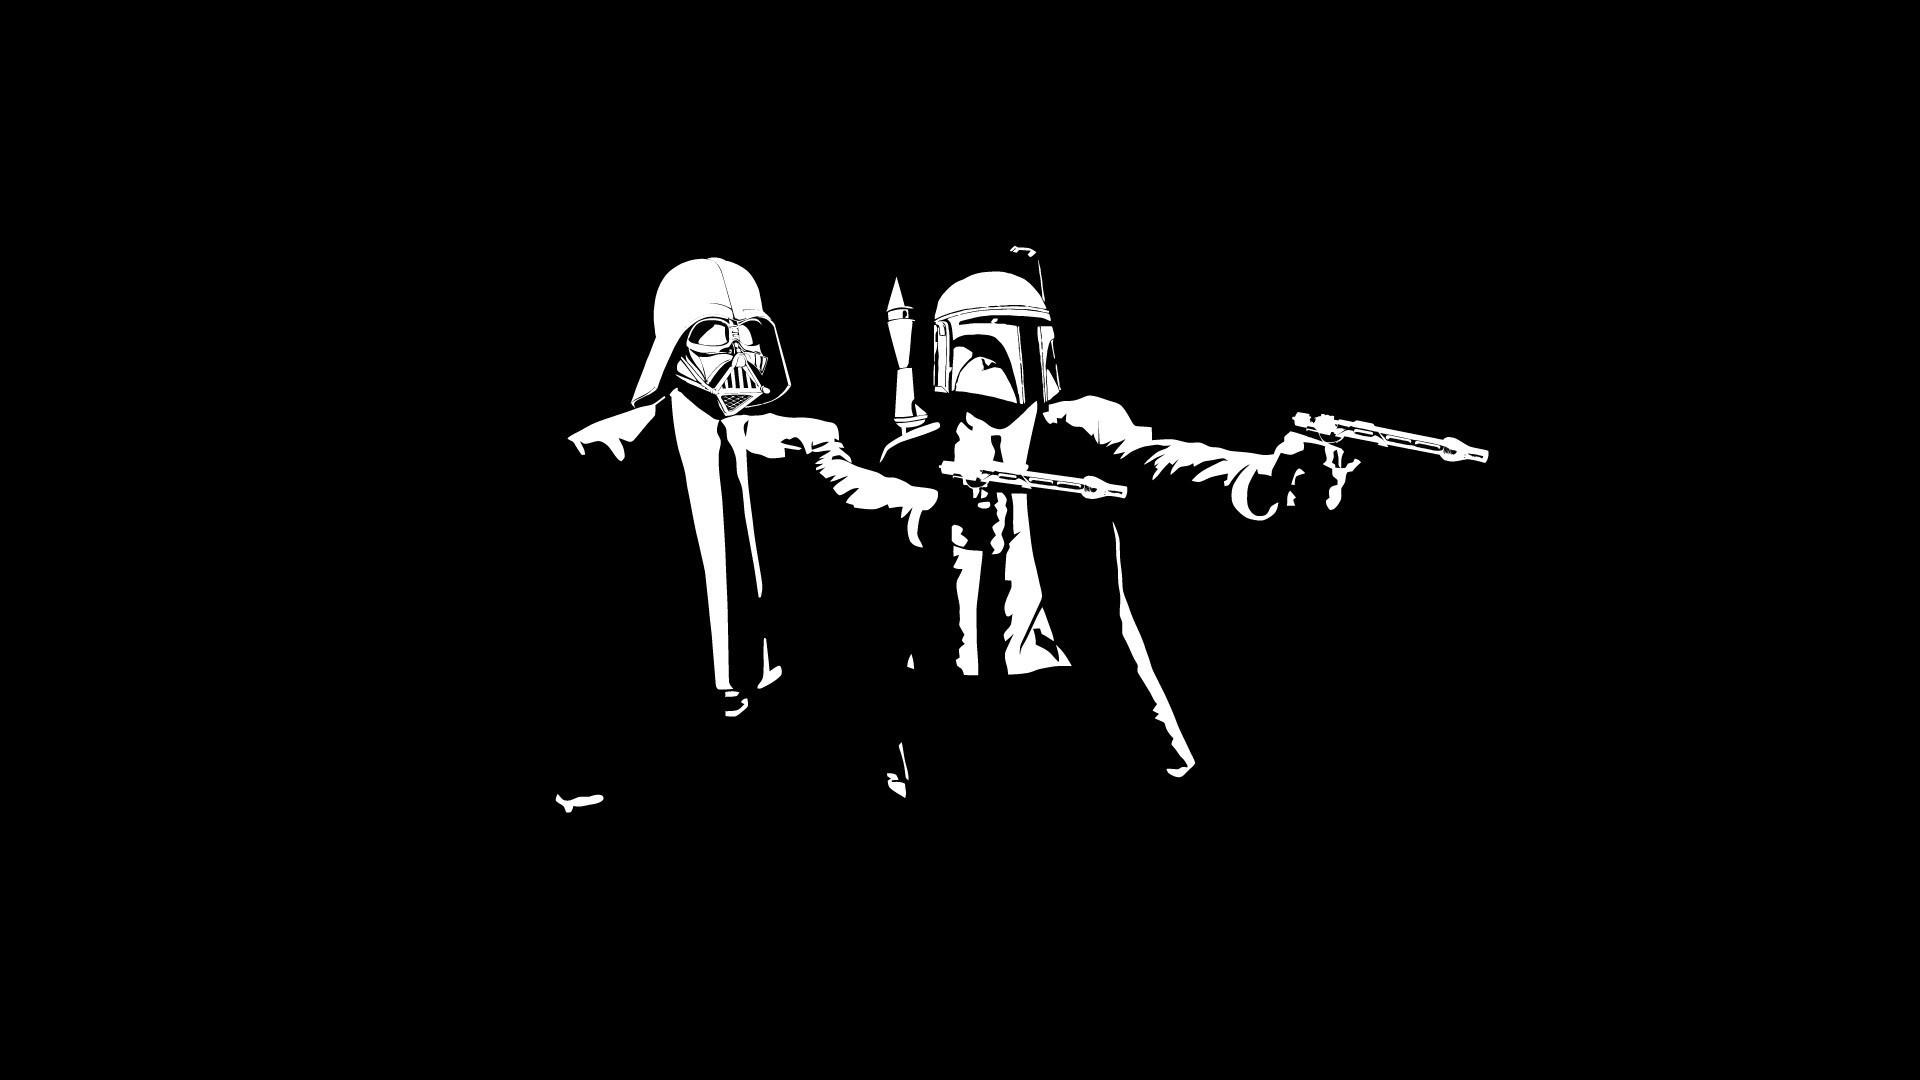 138 Darth Vader